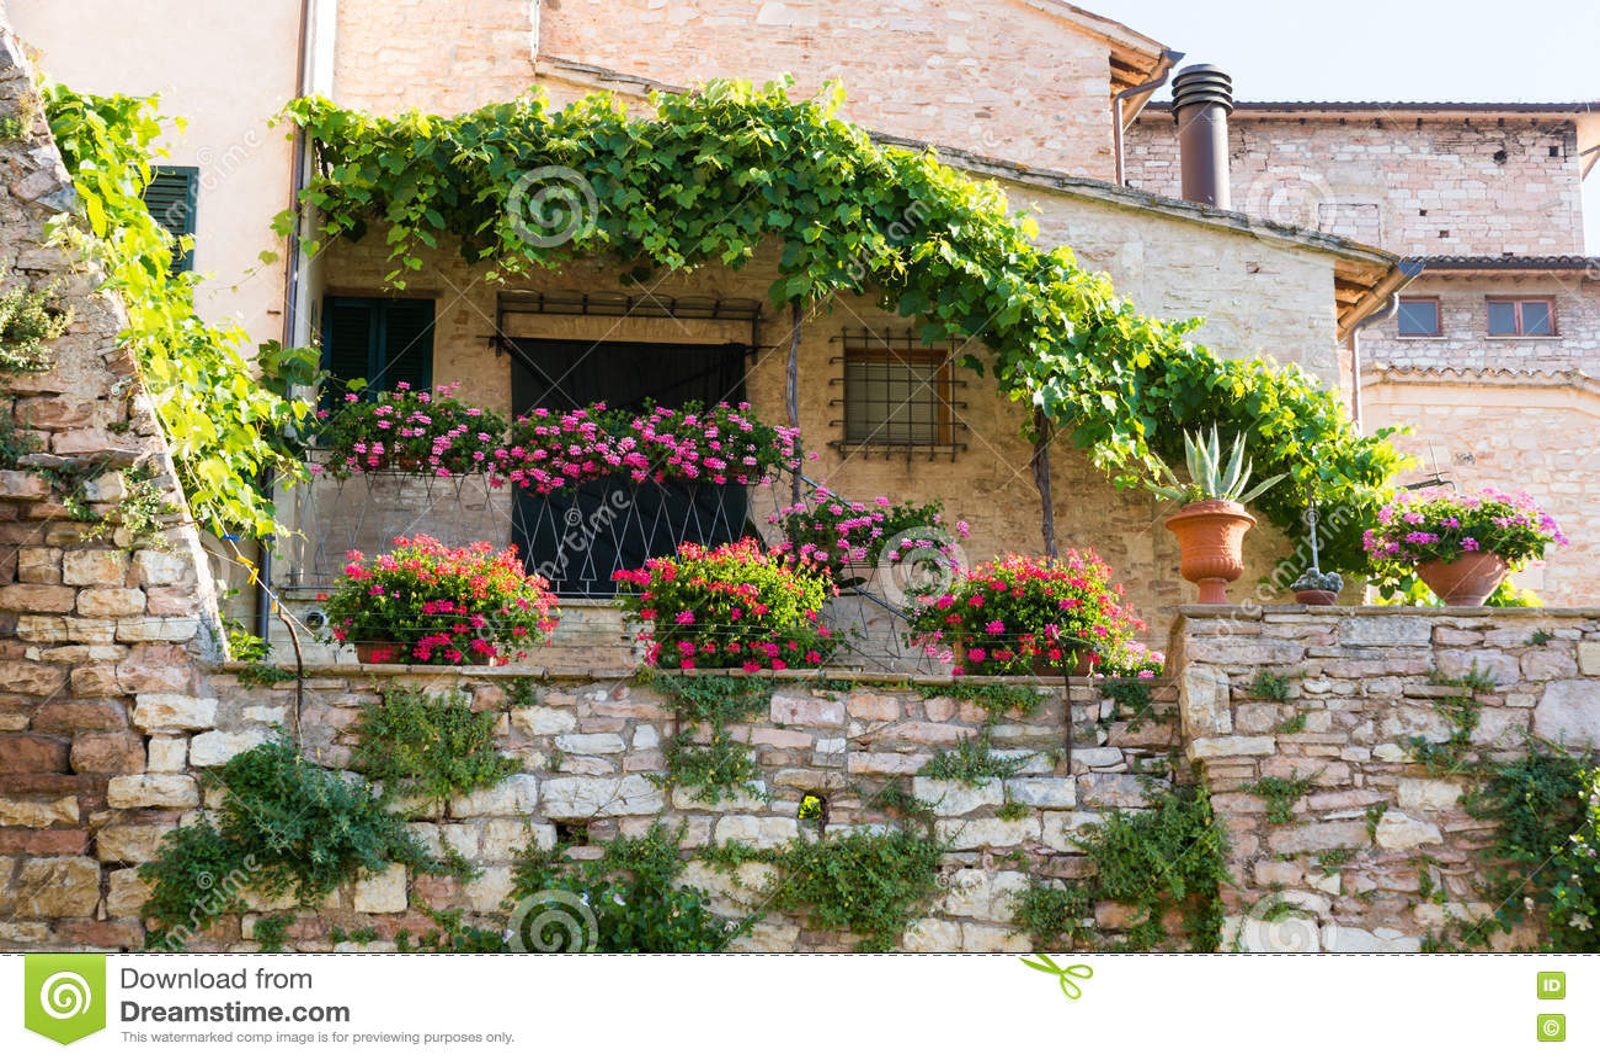 Come arredare il balcone con i fiori non sprecare